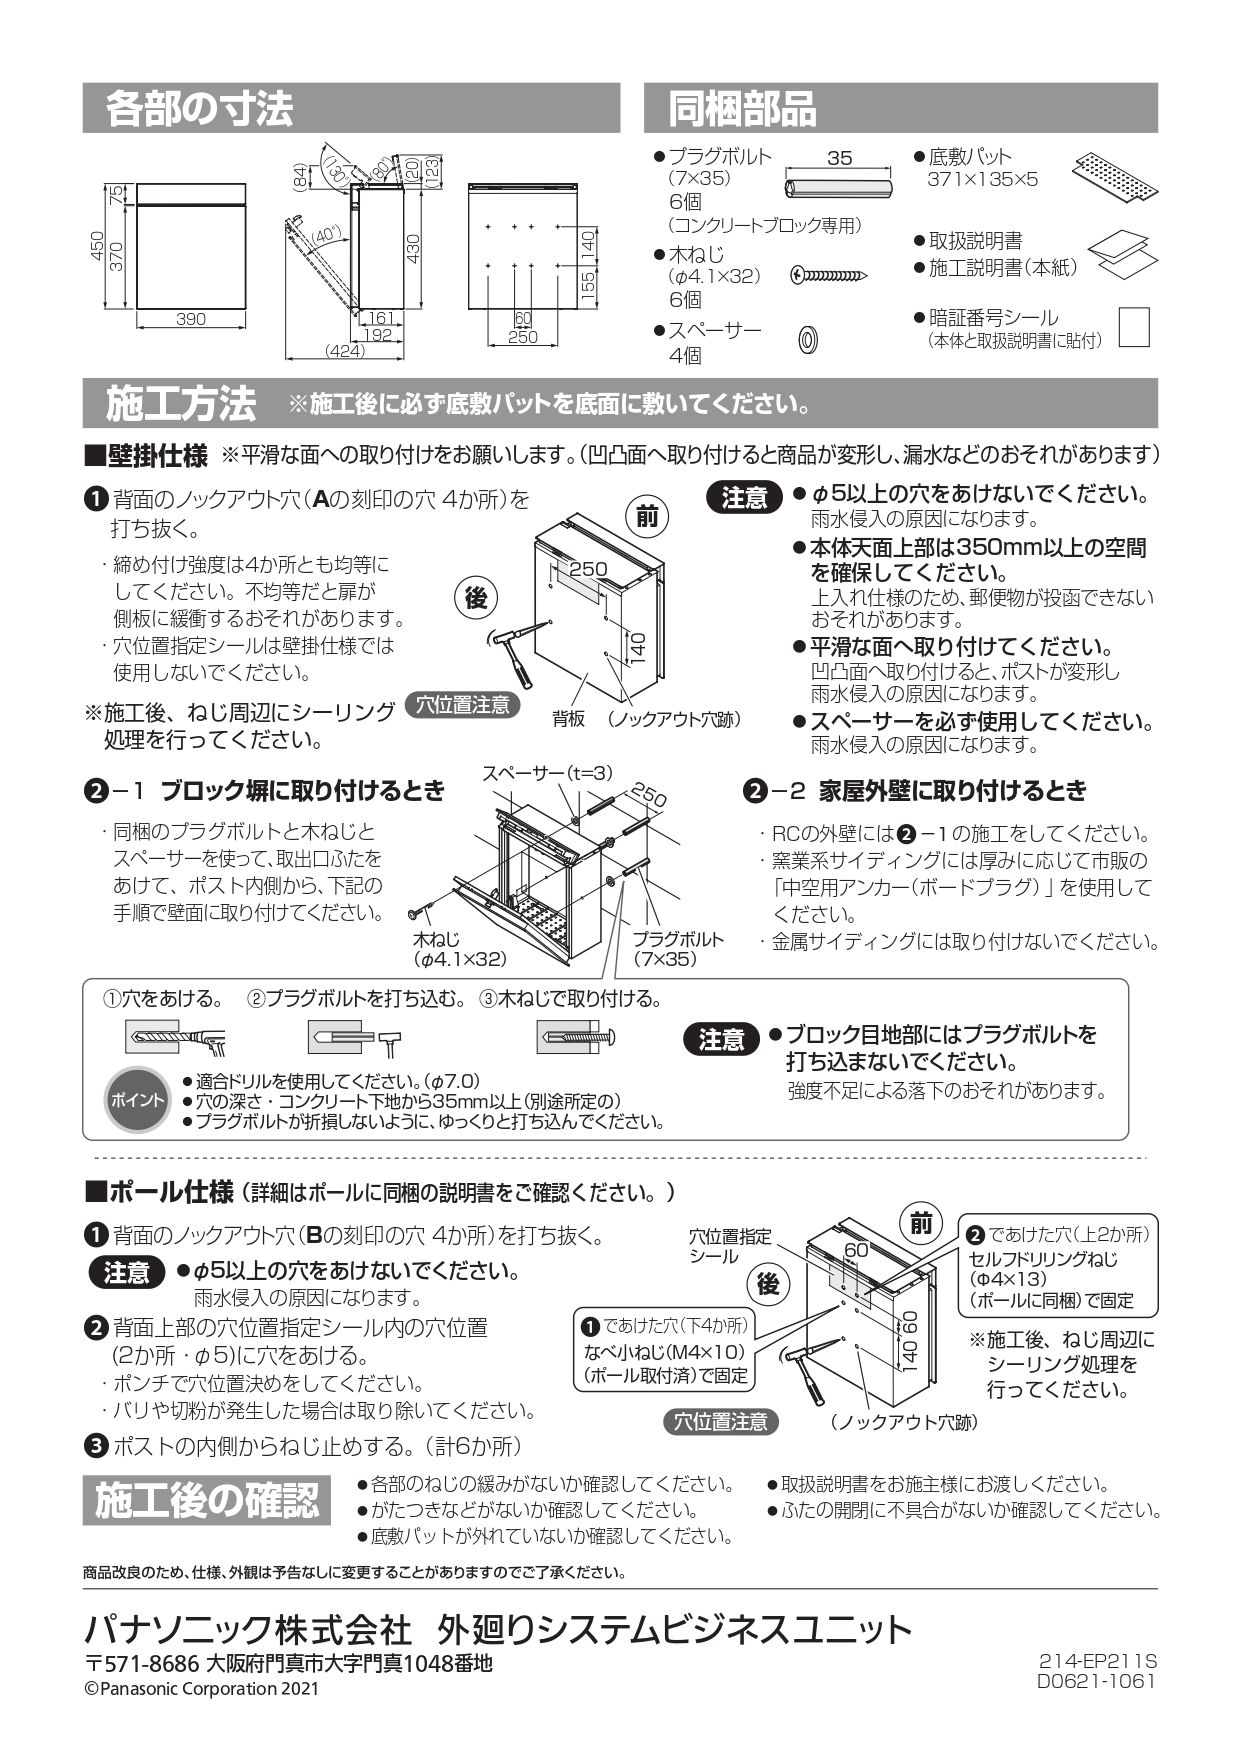 パケモ 施工説明書_page-0002